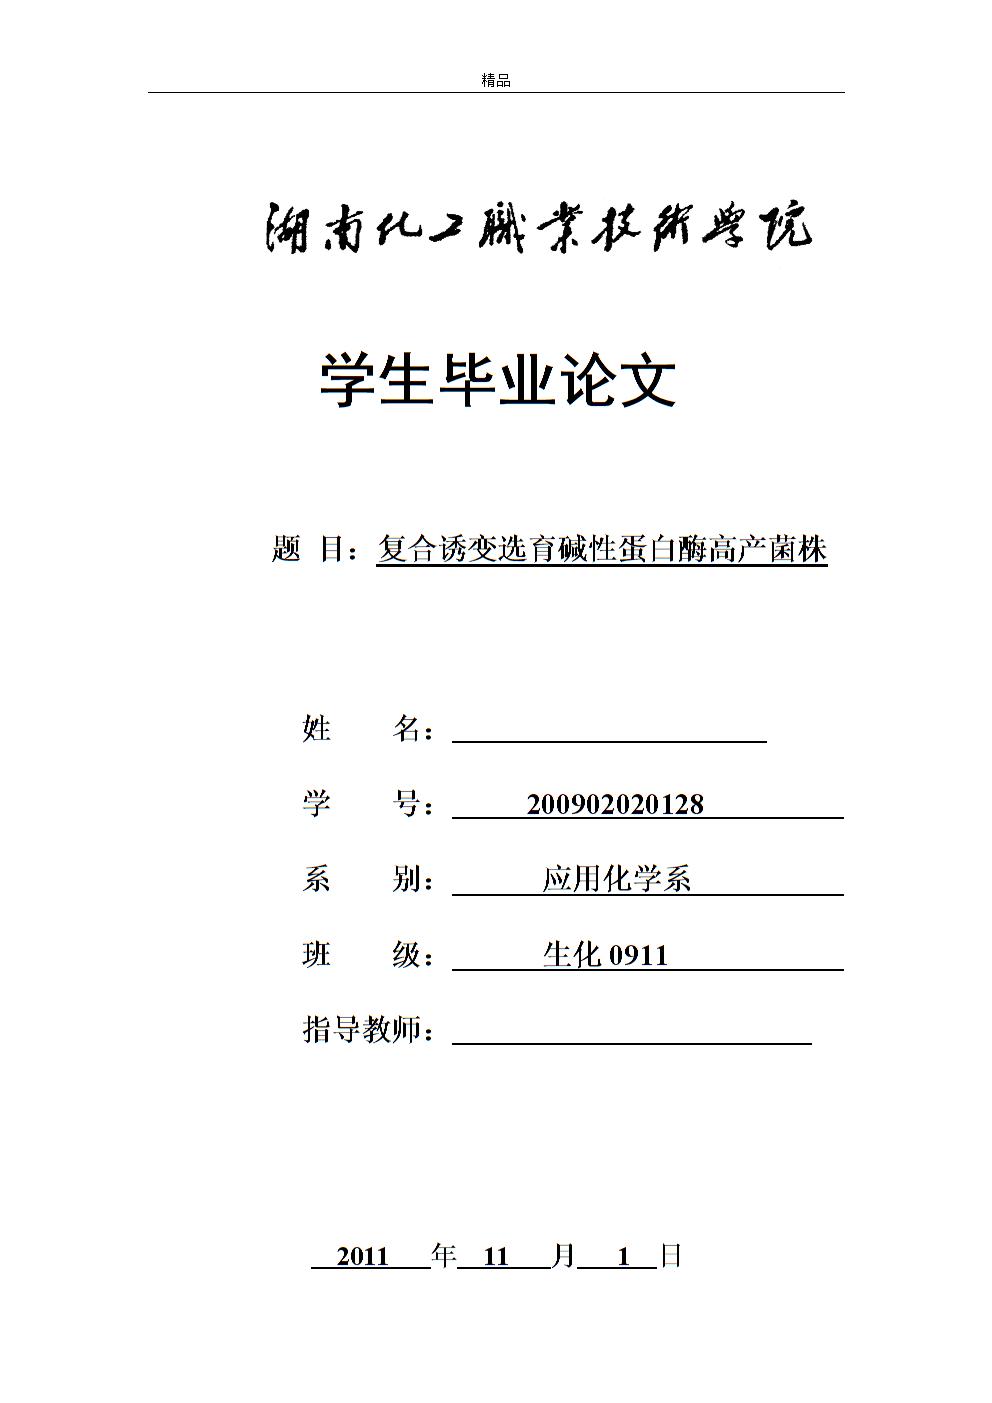 复合诱变选育碱性蛋白酶高产菌株-毕业论文(设计).doc